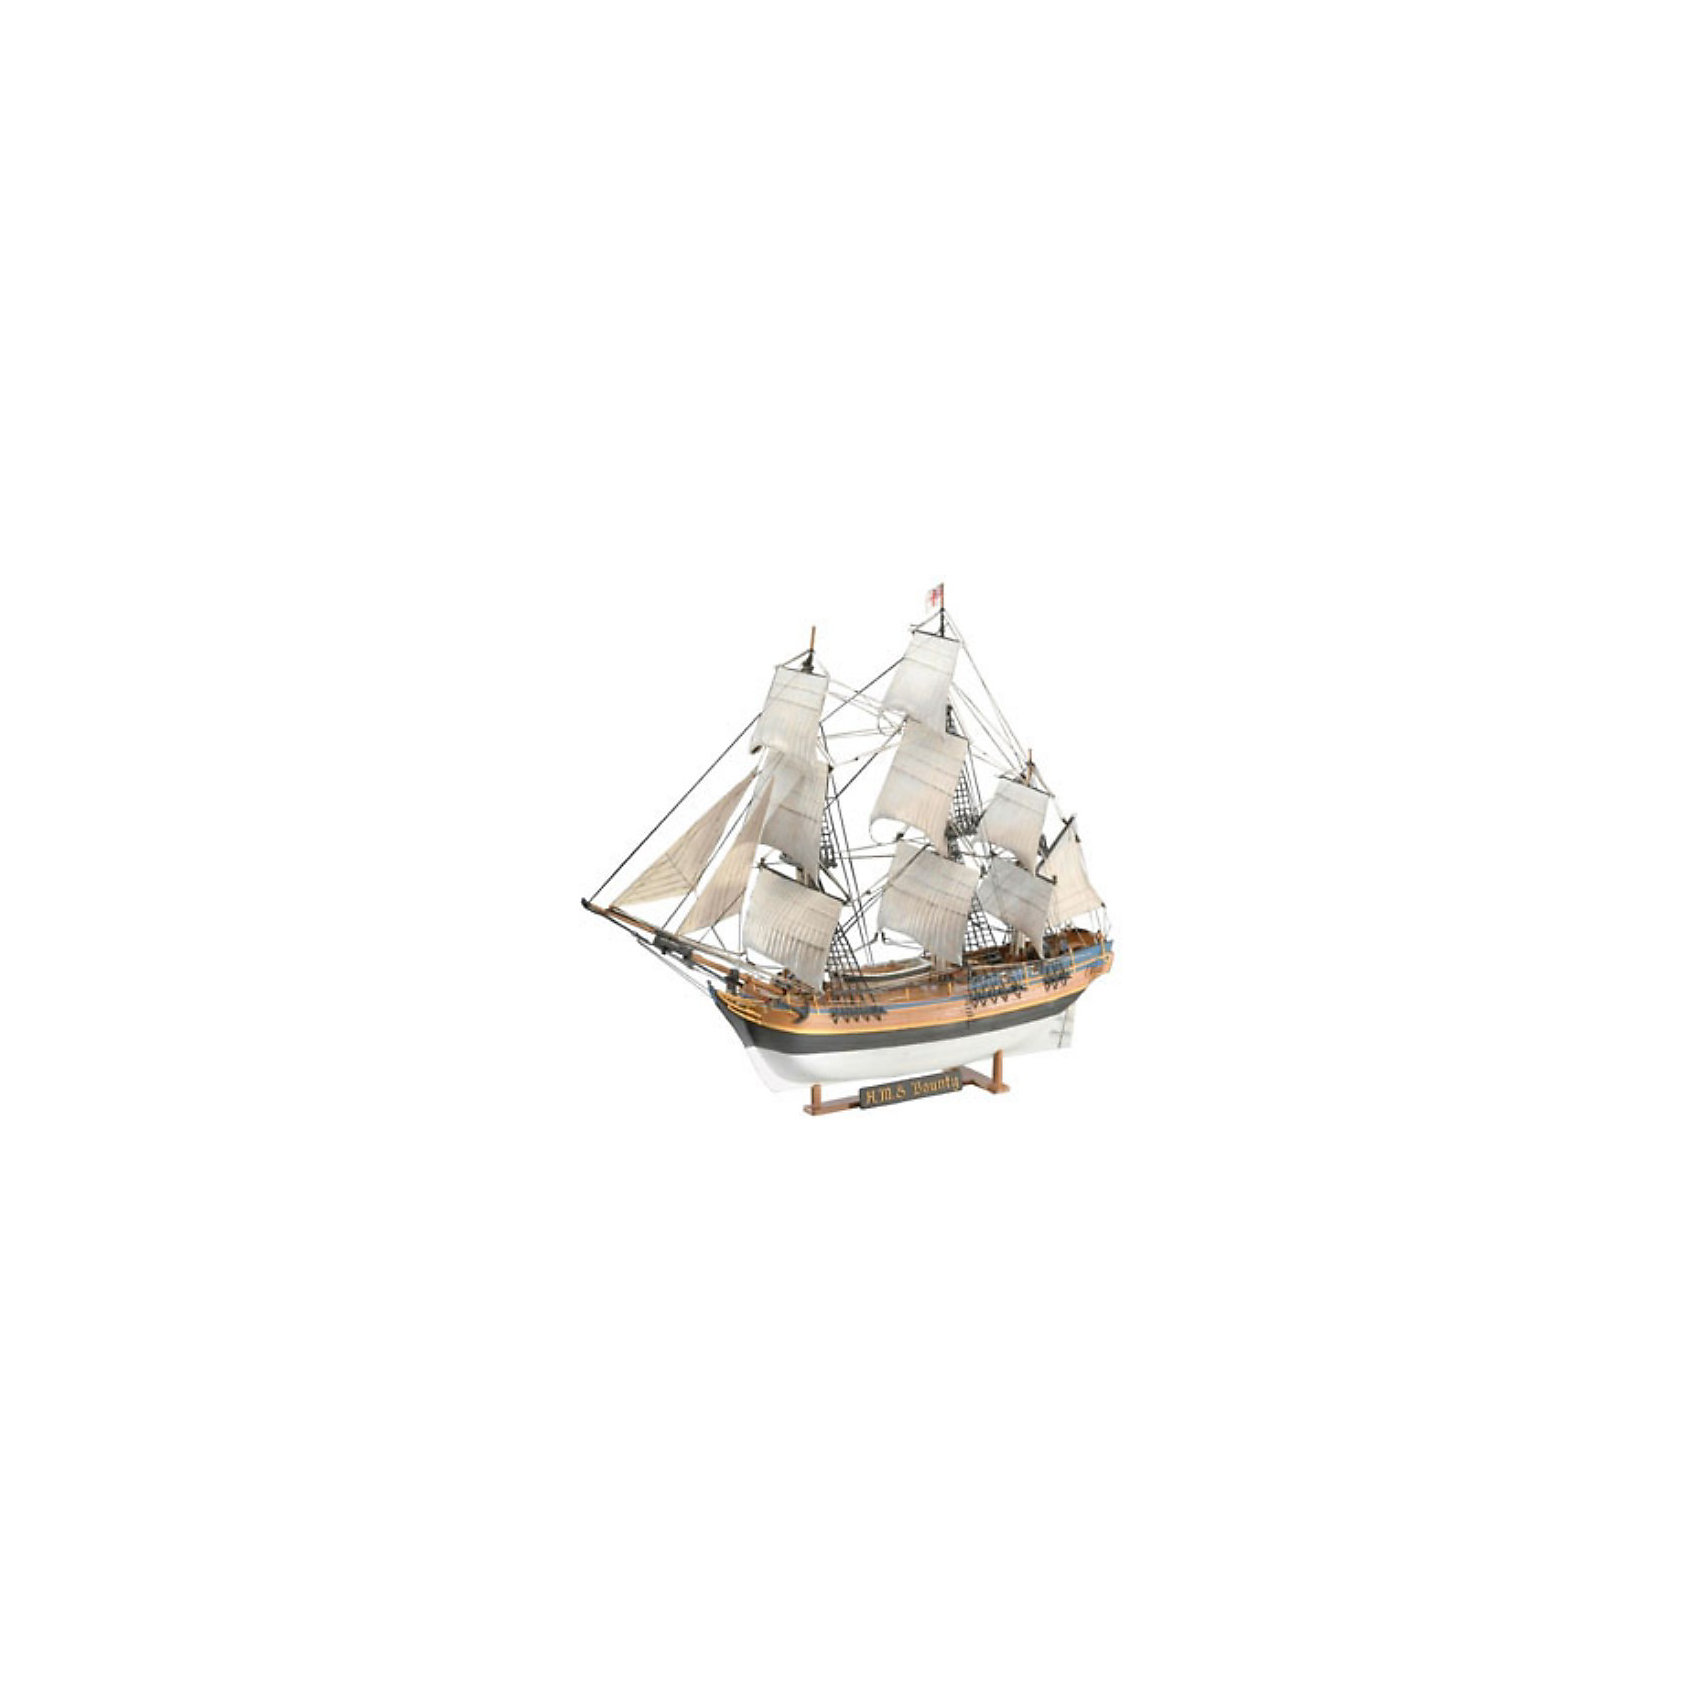 H.M.S. Баунти, 1:96, (5)Модели для склеивания<br>Модель парусника HMS Bounty. Печально известный английский корабль. Известность ему принес собственный экипаж, 28 апреля 1789 года поднявший мятеж на борту судна. Устав от жестокости капитана Уильяма Блая, моряки высадили его и еще 18 членов экипажа в лодку. Сами мятежники отправились к острову Таити. Моряки поселились на острове, а корабль вскоре после высадки был сожжен. <br>Масштаб: 1:110 <br>Количетво деталей: 171 <br>Длина модели: 372 мм <br>Высота модели: 291 мм <br>Клей и краски в комплект не входят.<br><br>Ширина мм: 389<br>Глубина мм: 251<br>Высота мм: 76<br>Вес г: 408<br>Возраст от месяцев: 168<br>Возраст до месяцев: 228<br>Пол: Мужской<br>Возраст: Детский<br>SKU: 1772712